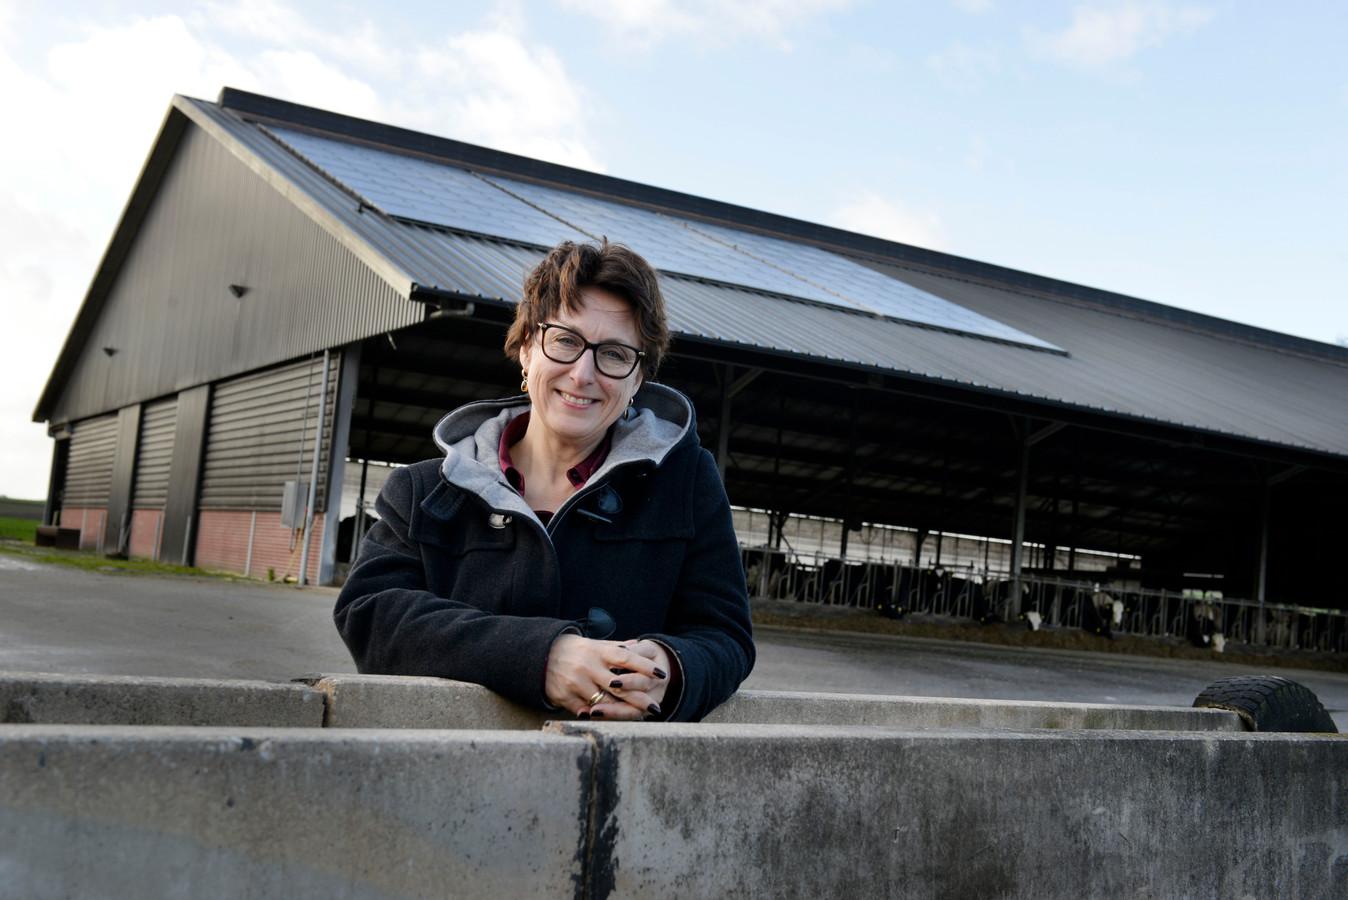 """Bouwien Rutten: """"Ga nu eerst die grote daken met zonnepanelen vol leggen. Ja, zon is minder dan wind, maar 10.000 zonnepanelen tellen wel mee."""""""